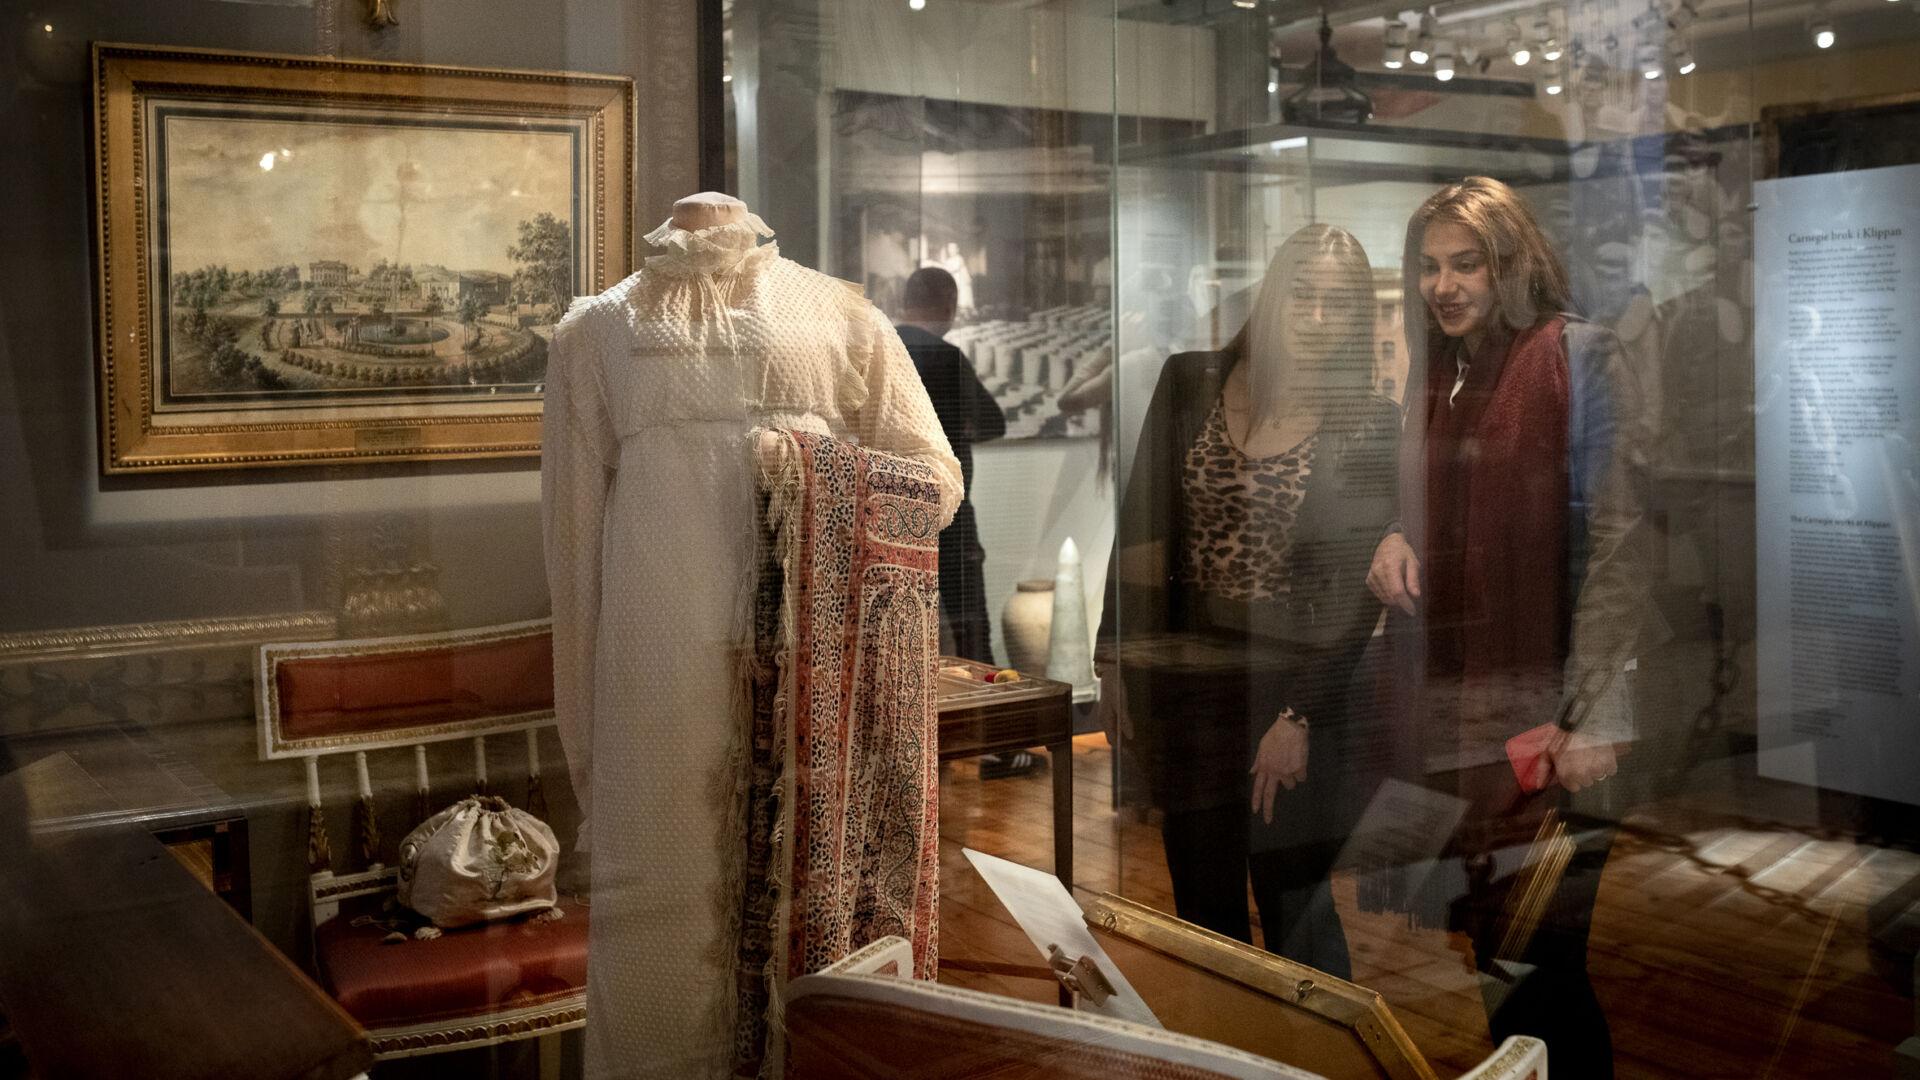 Två kvinnor står och tittar på en vit klänning och några tidstypiska möbler i en glasmonter.